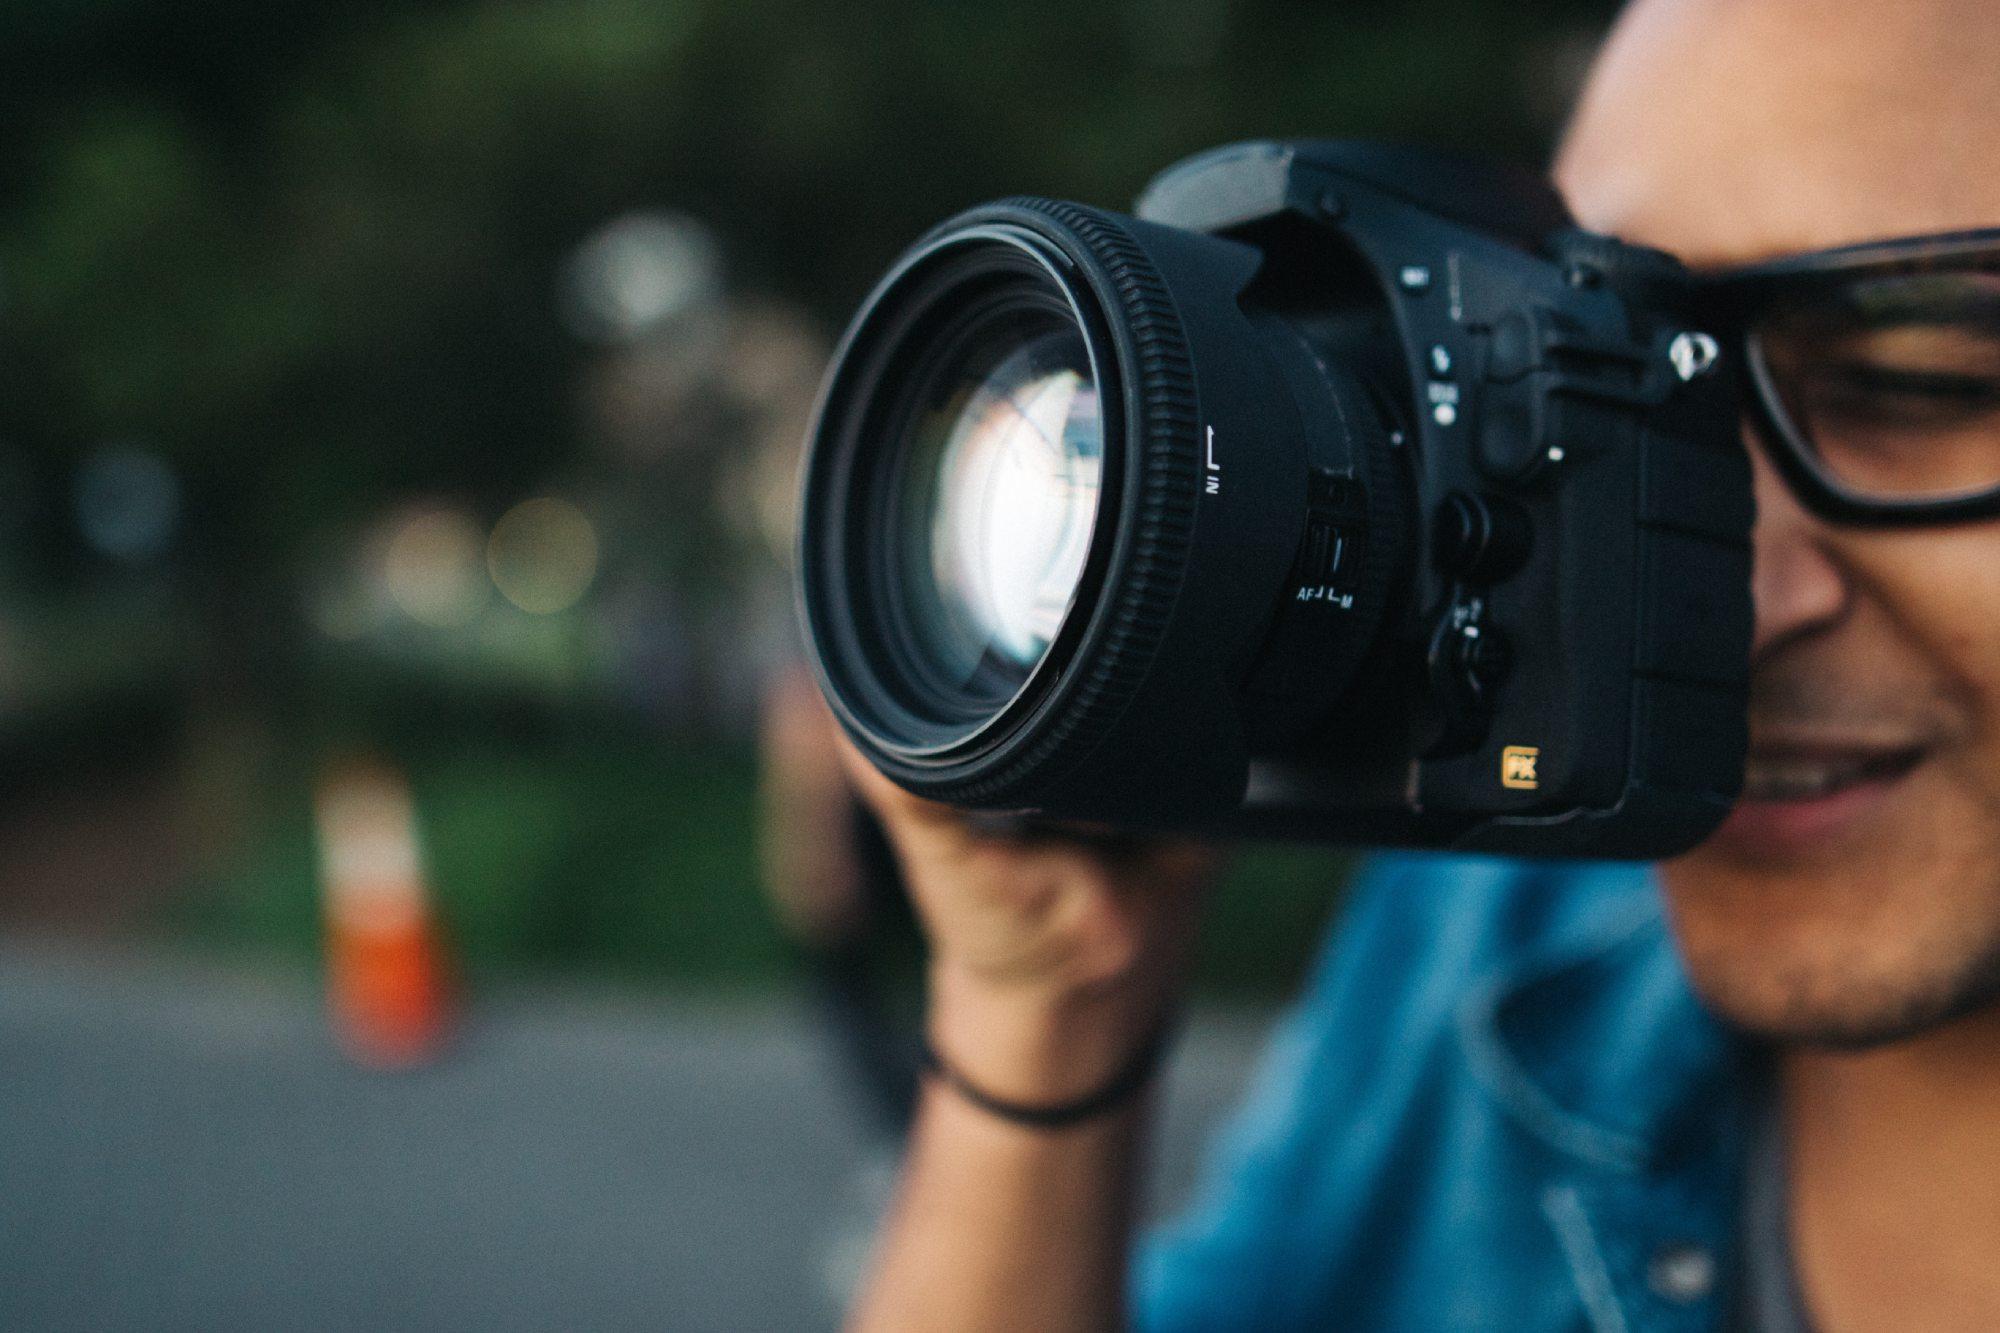 bad photography habits image